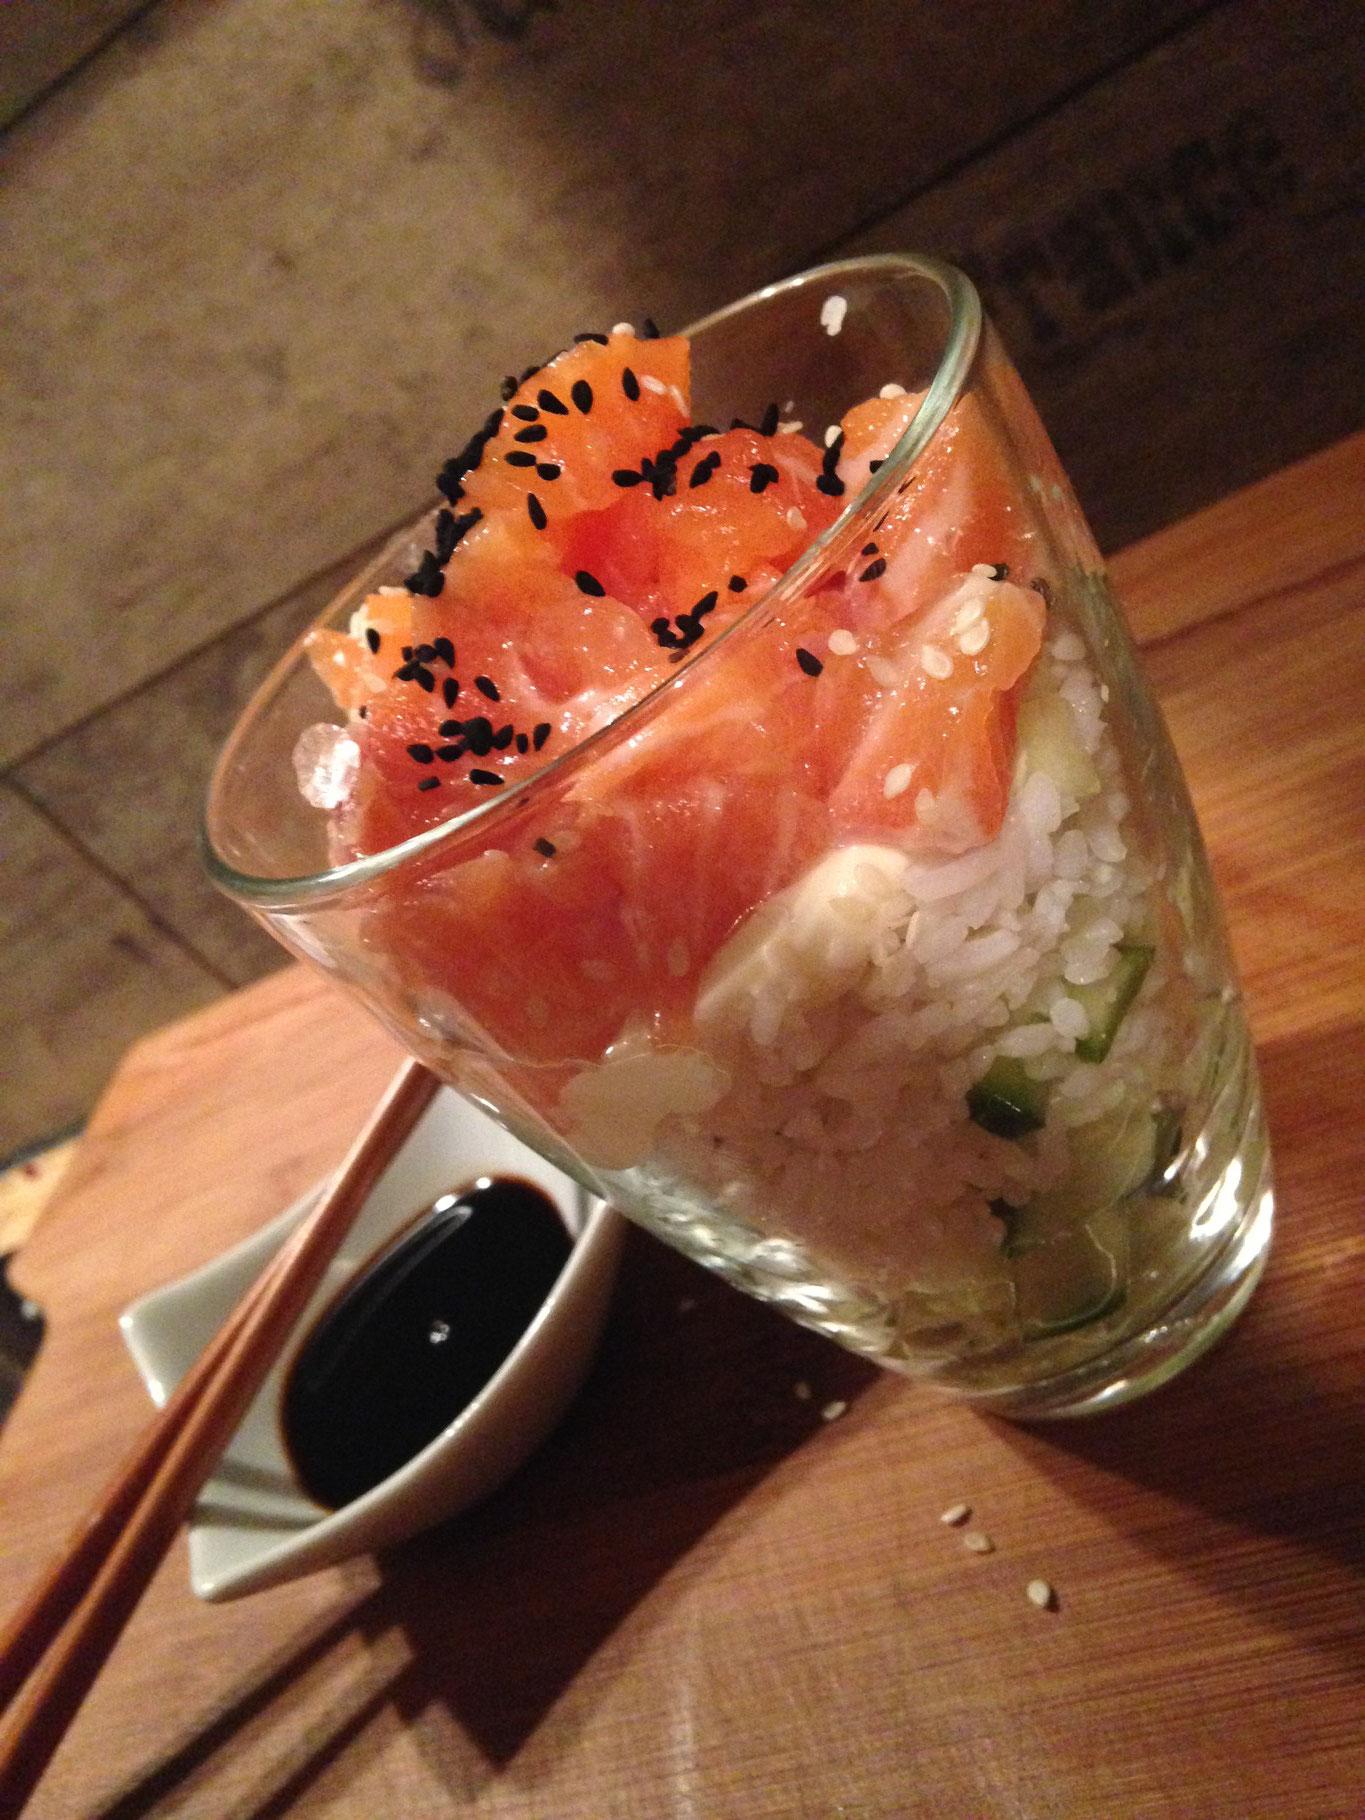 rezept sushi im glas mit lachs tuerkische rezepte foodblog. Black Bedroom Furniture Sets. Home Design Ideas